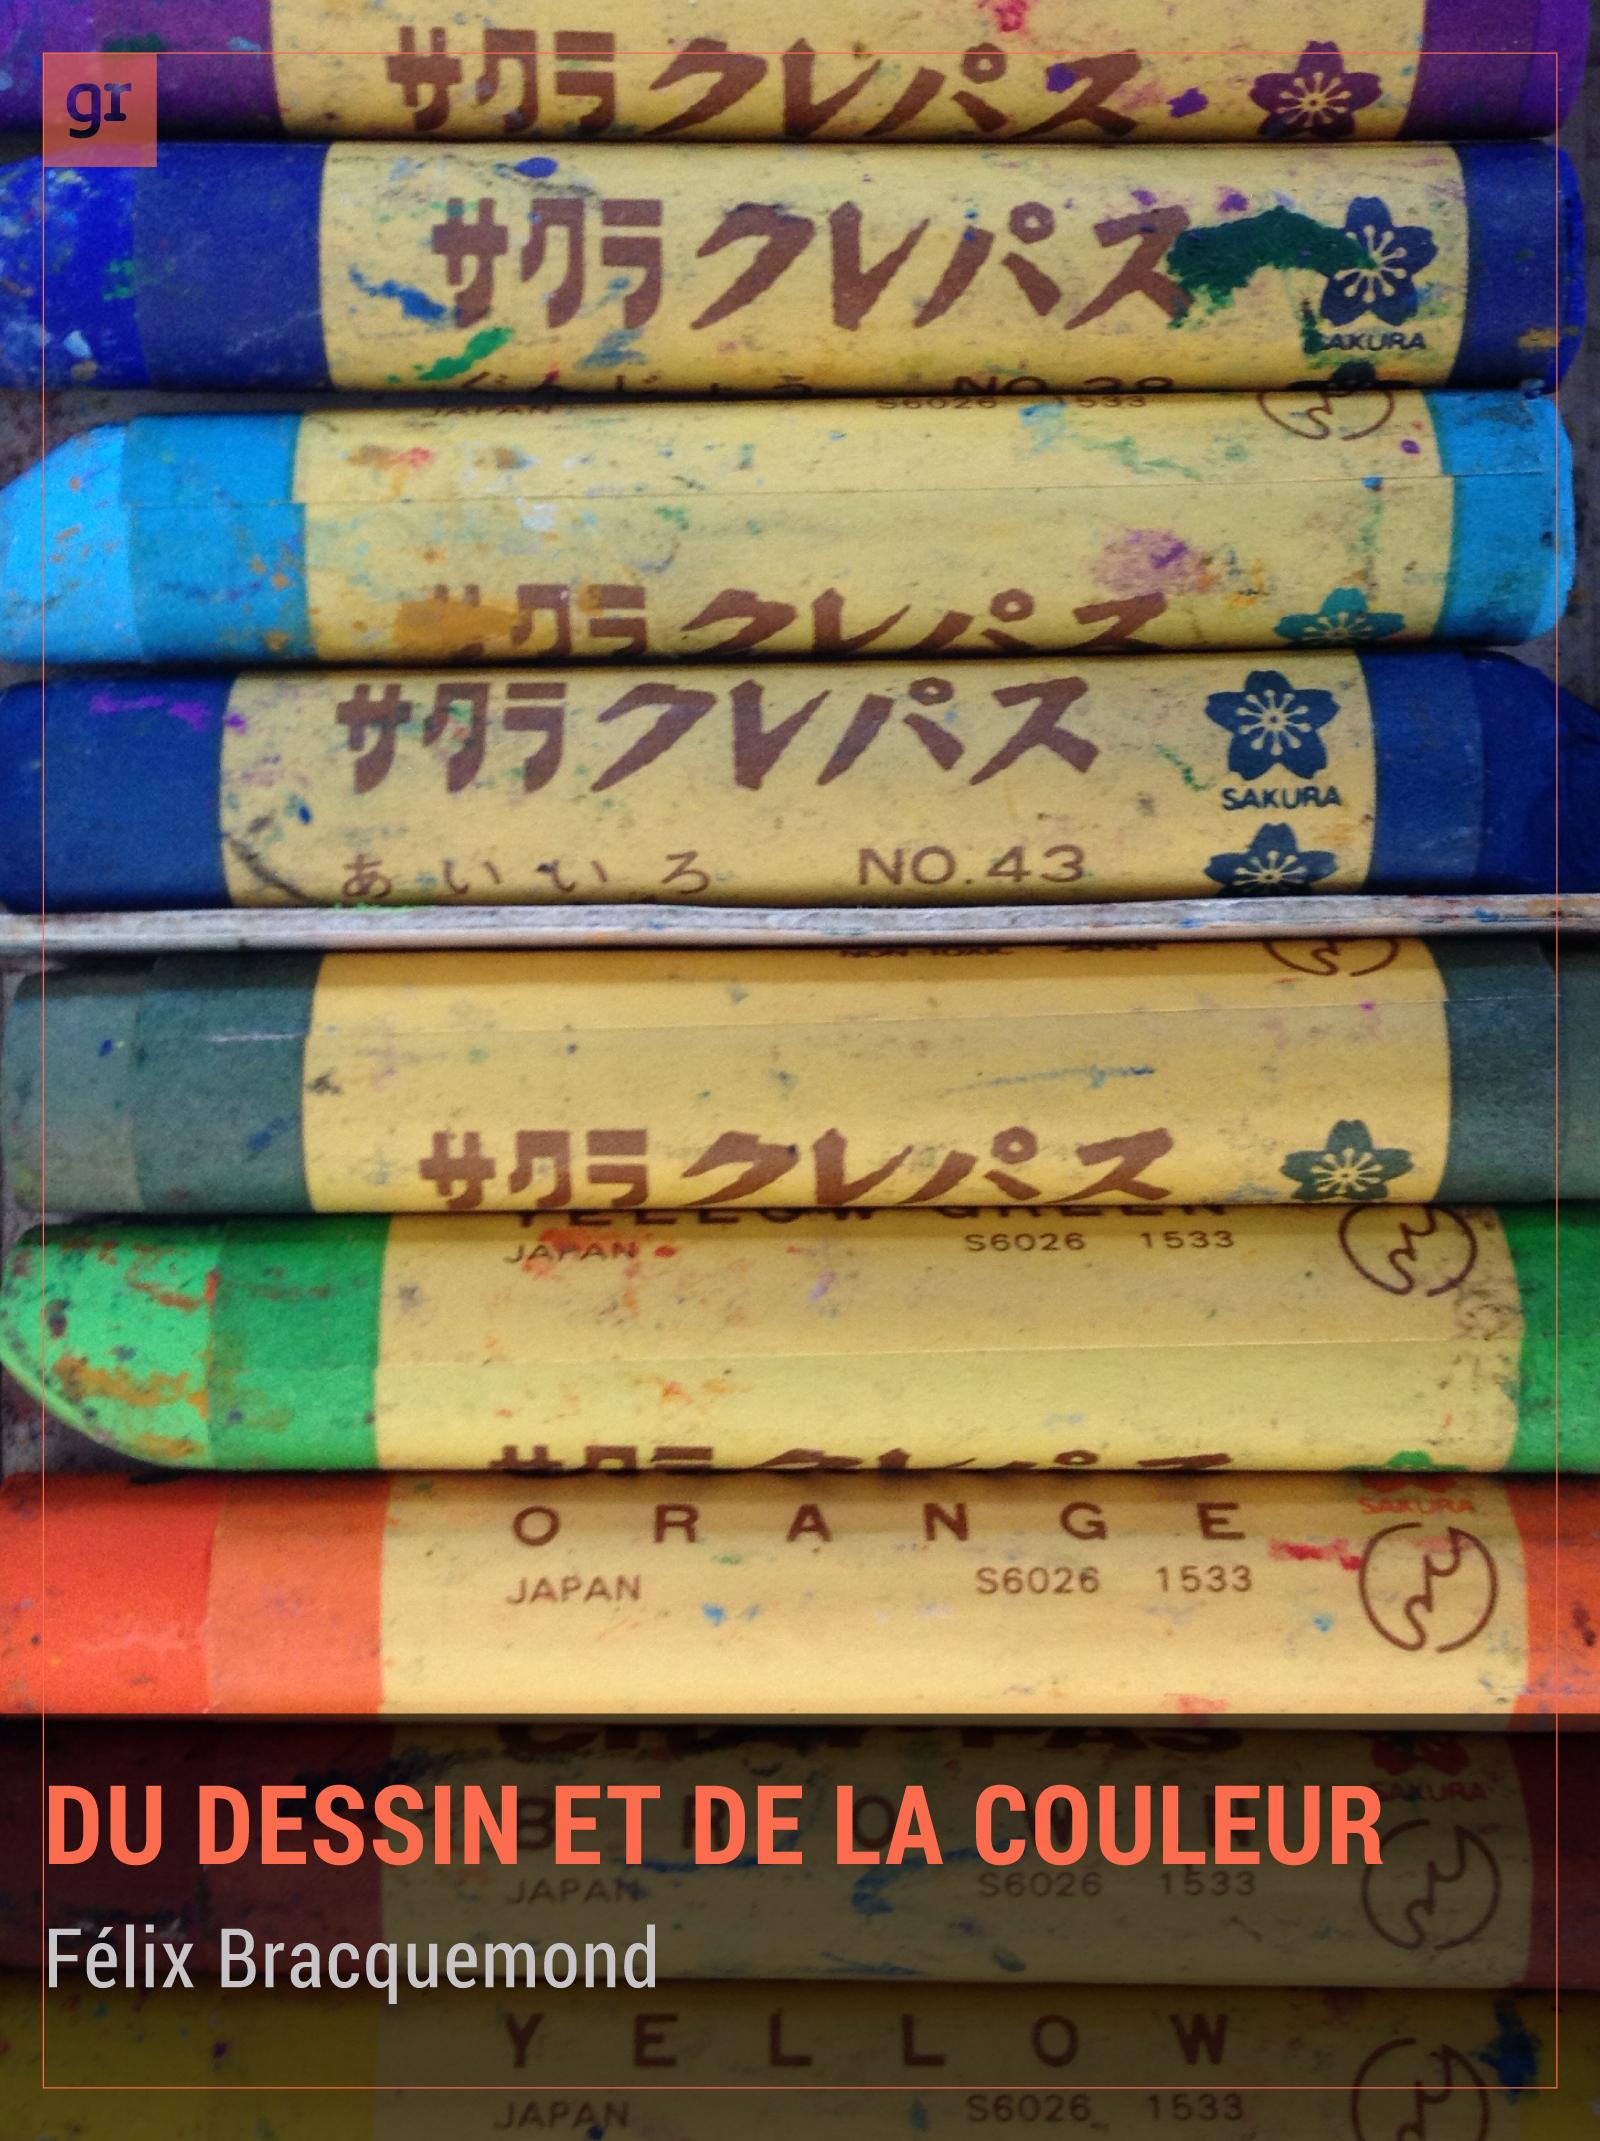 Du dessin et de la couleur, Dictionnaire philosophique et artistique